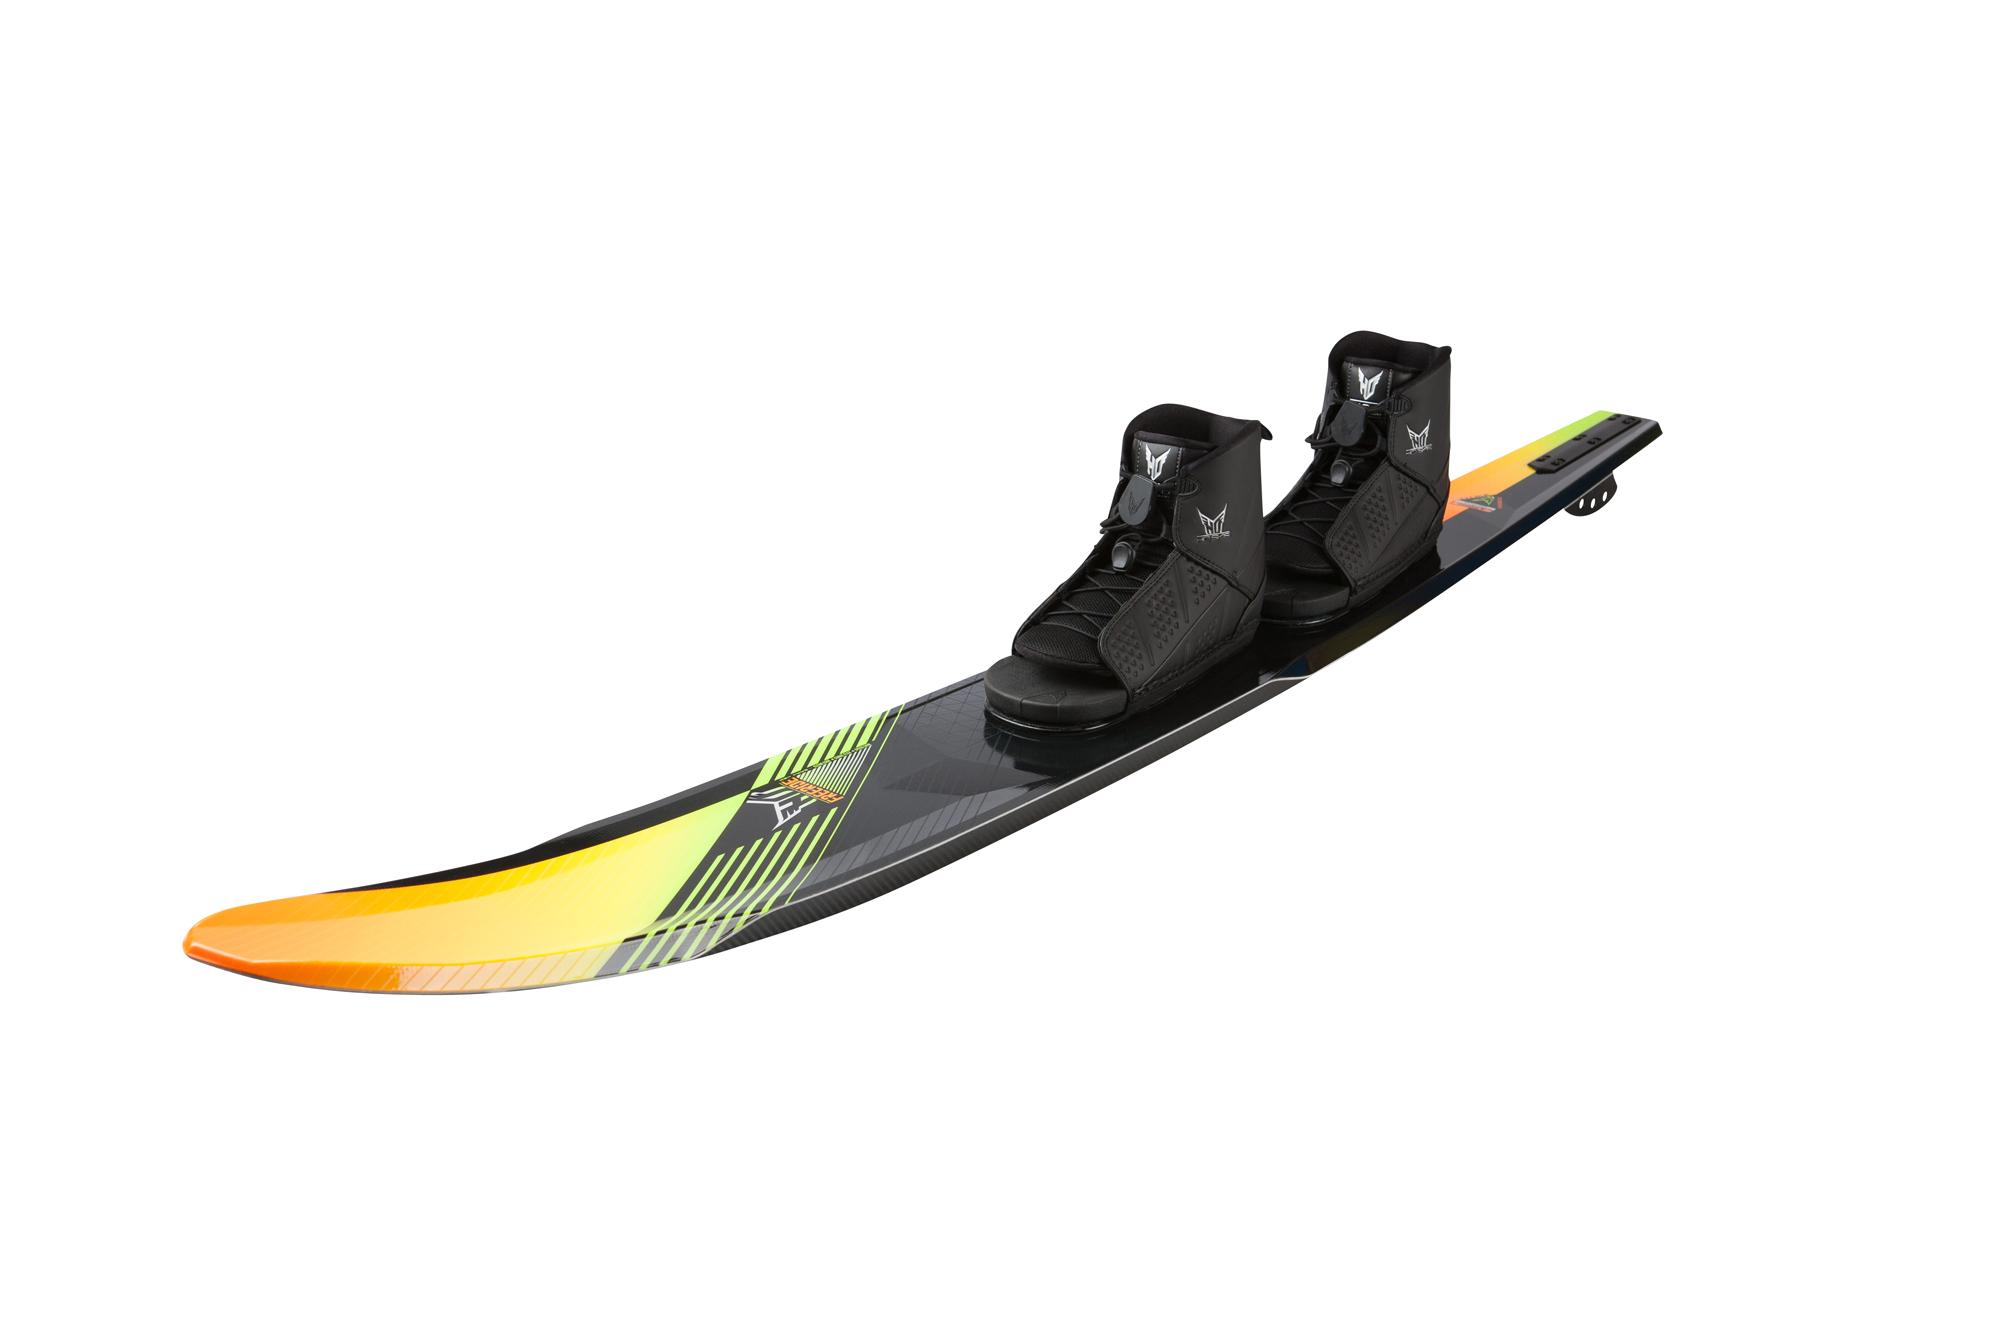 waterski-packages-freeride-freemax-double1